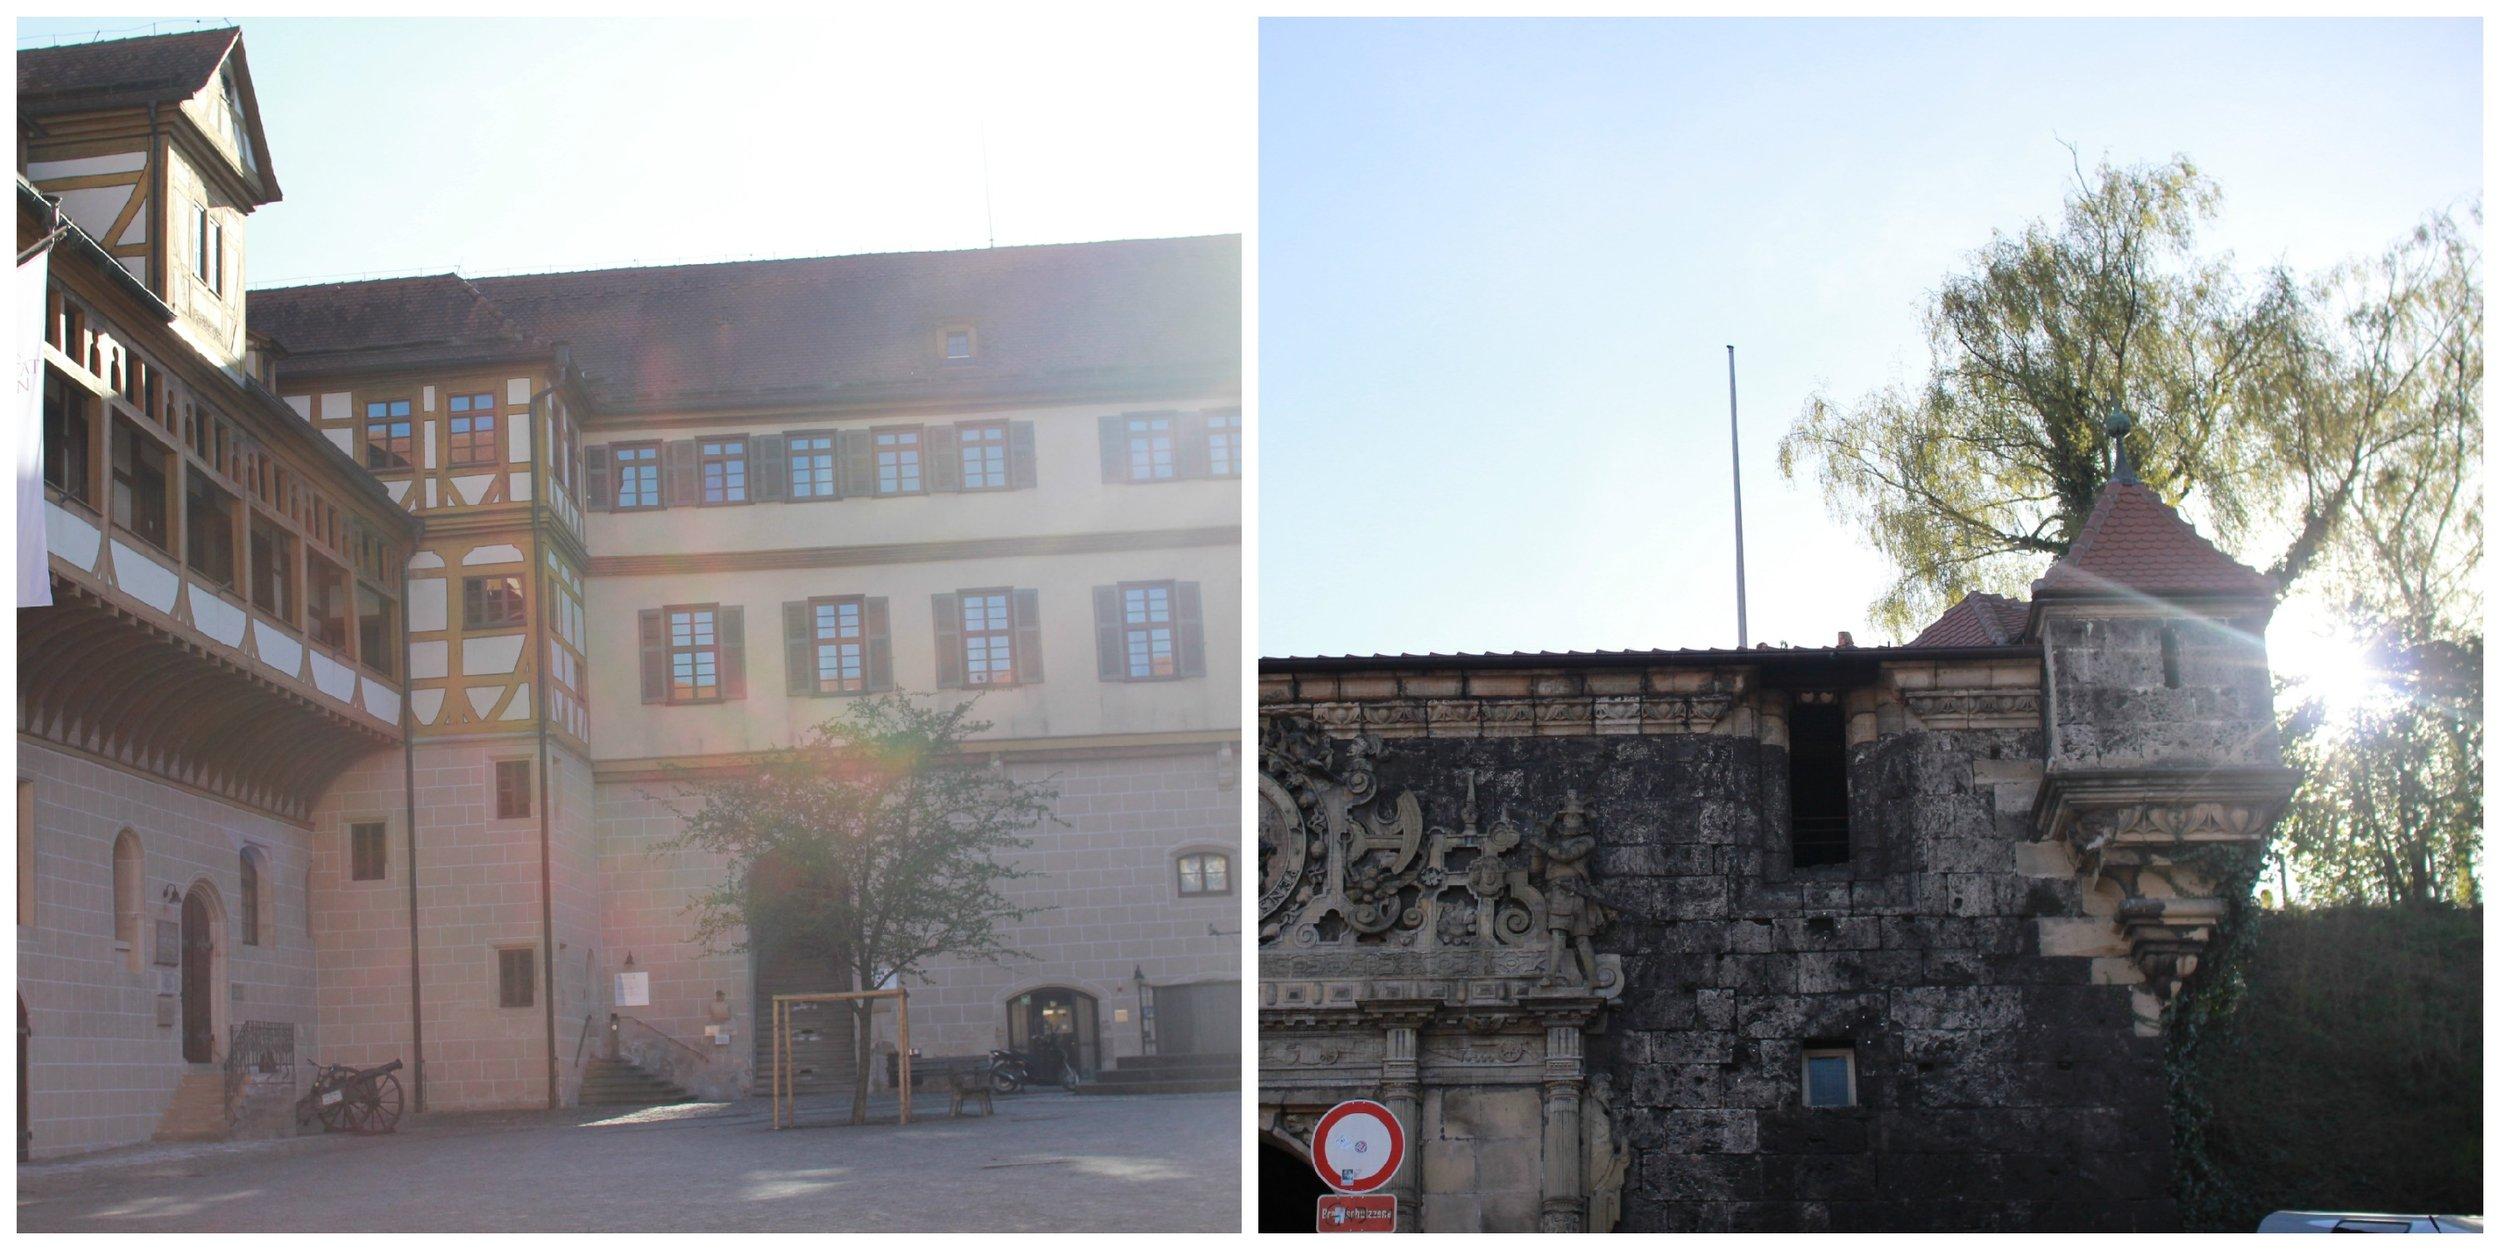 tUBINGEN castle